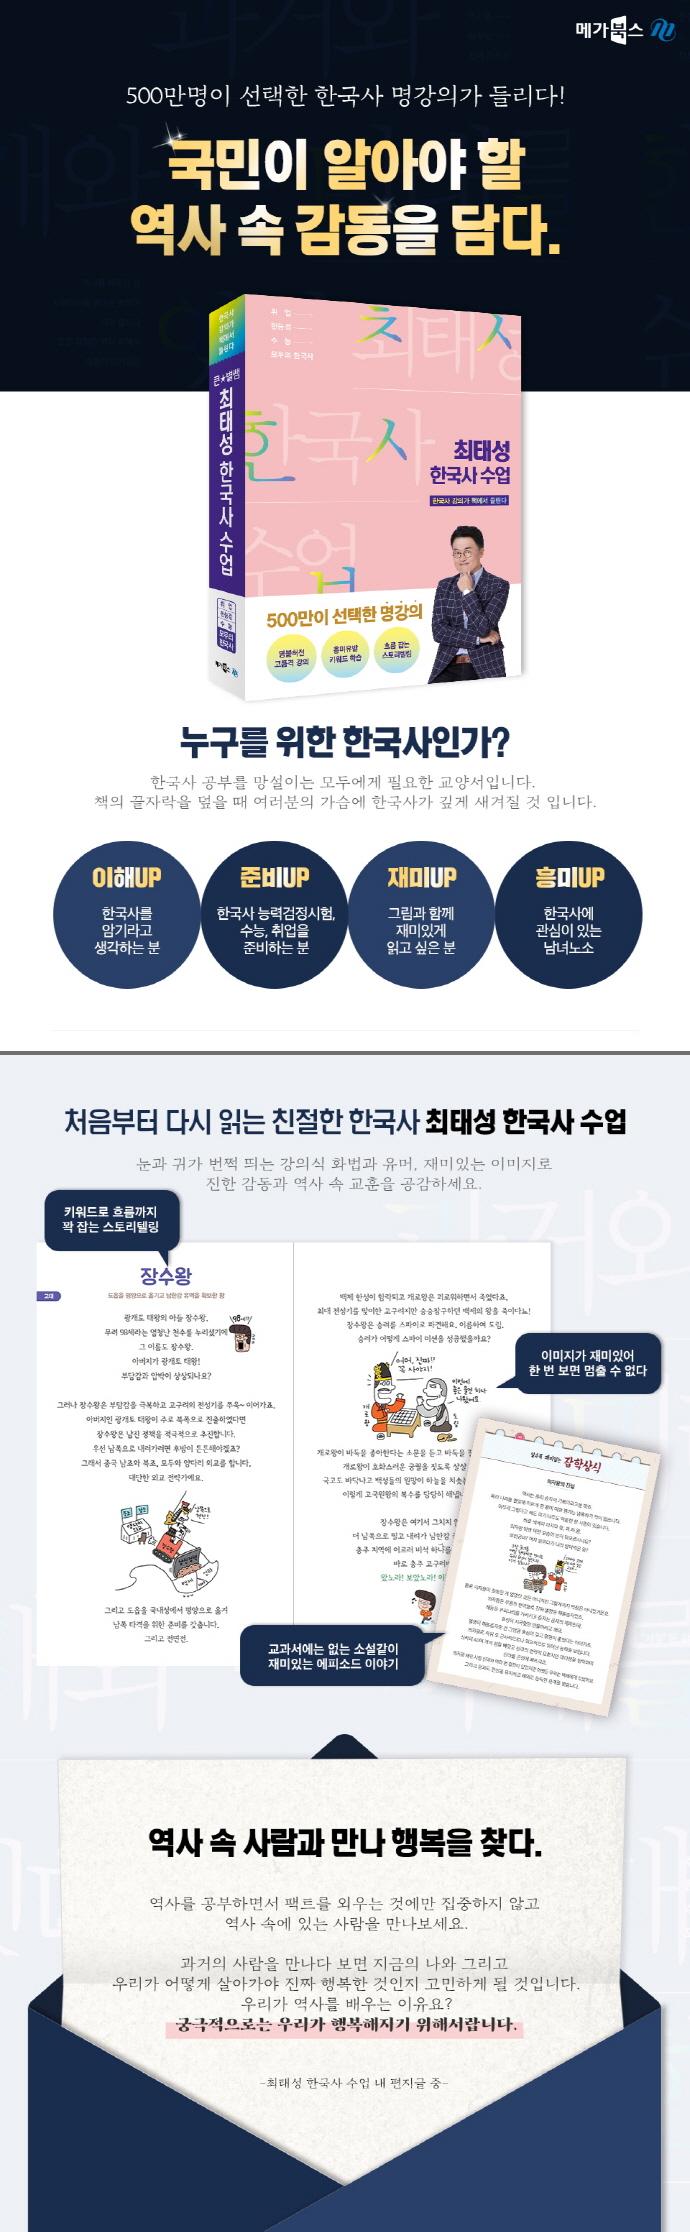 최태성 한국사 수업 도서 상세이미지